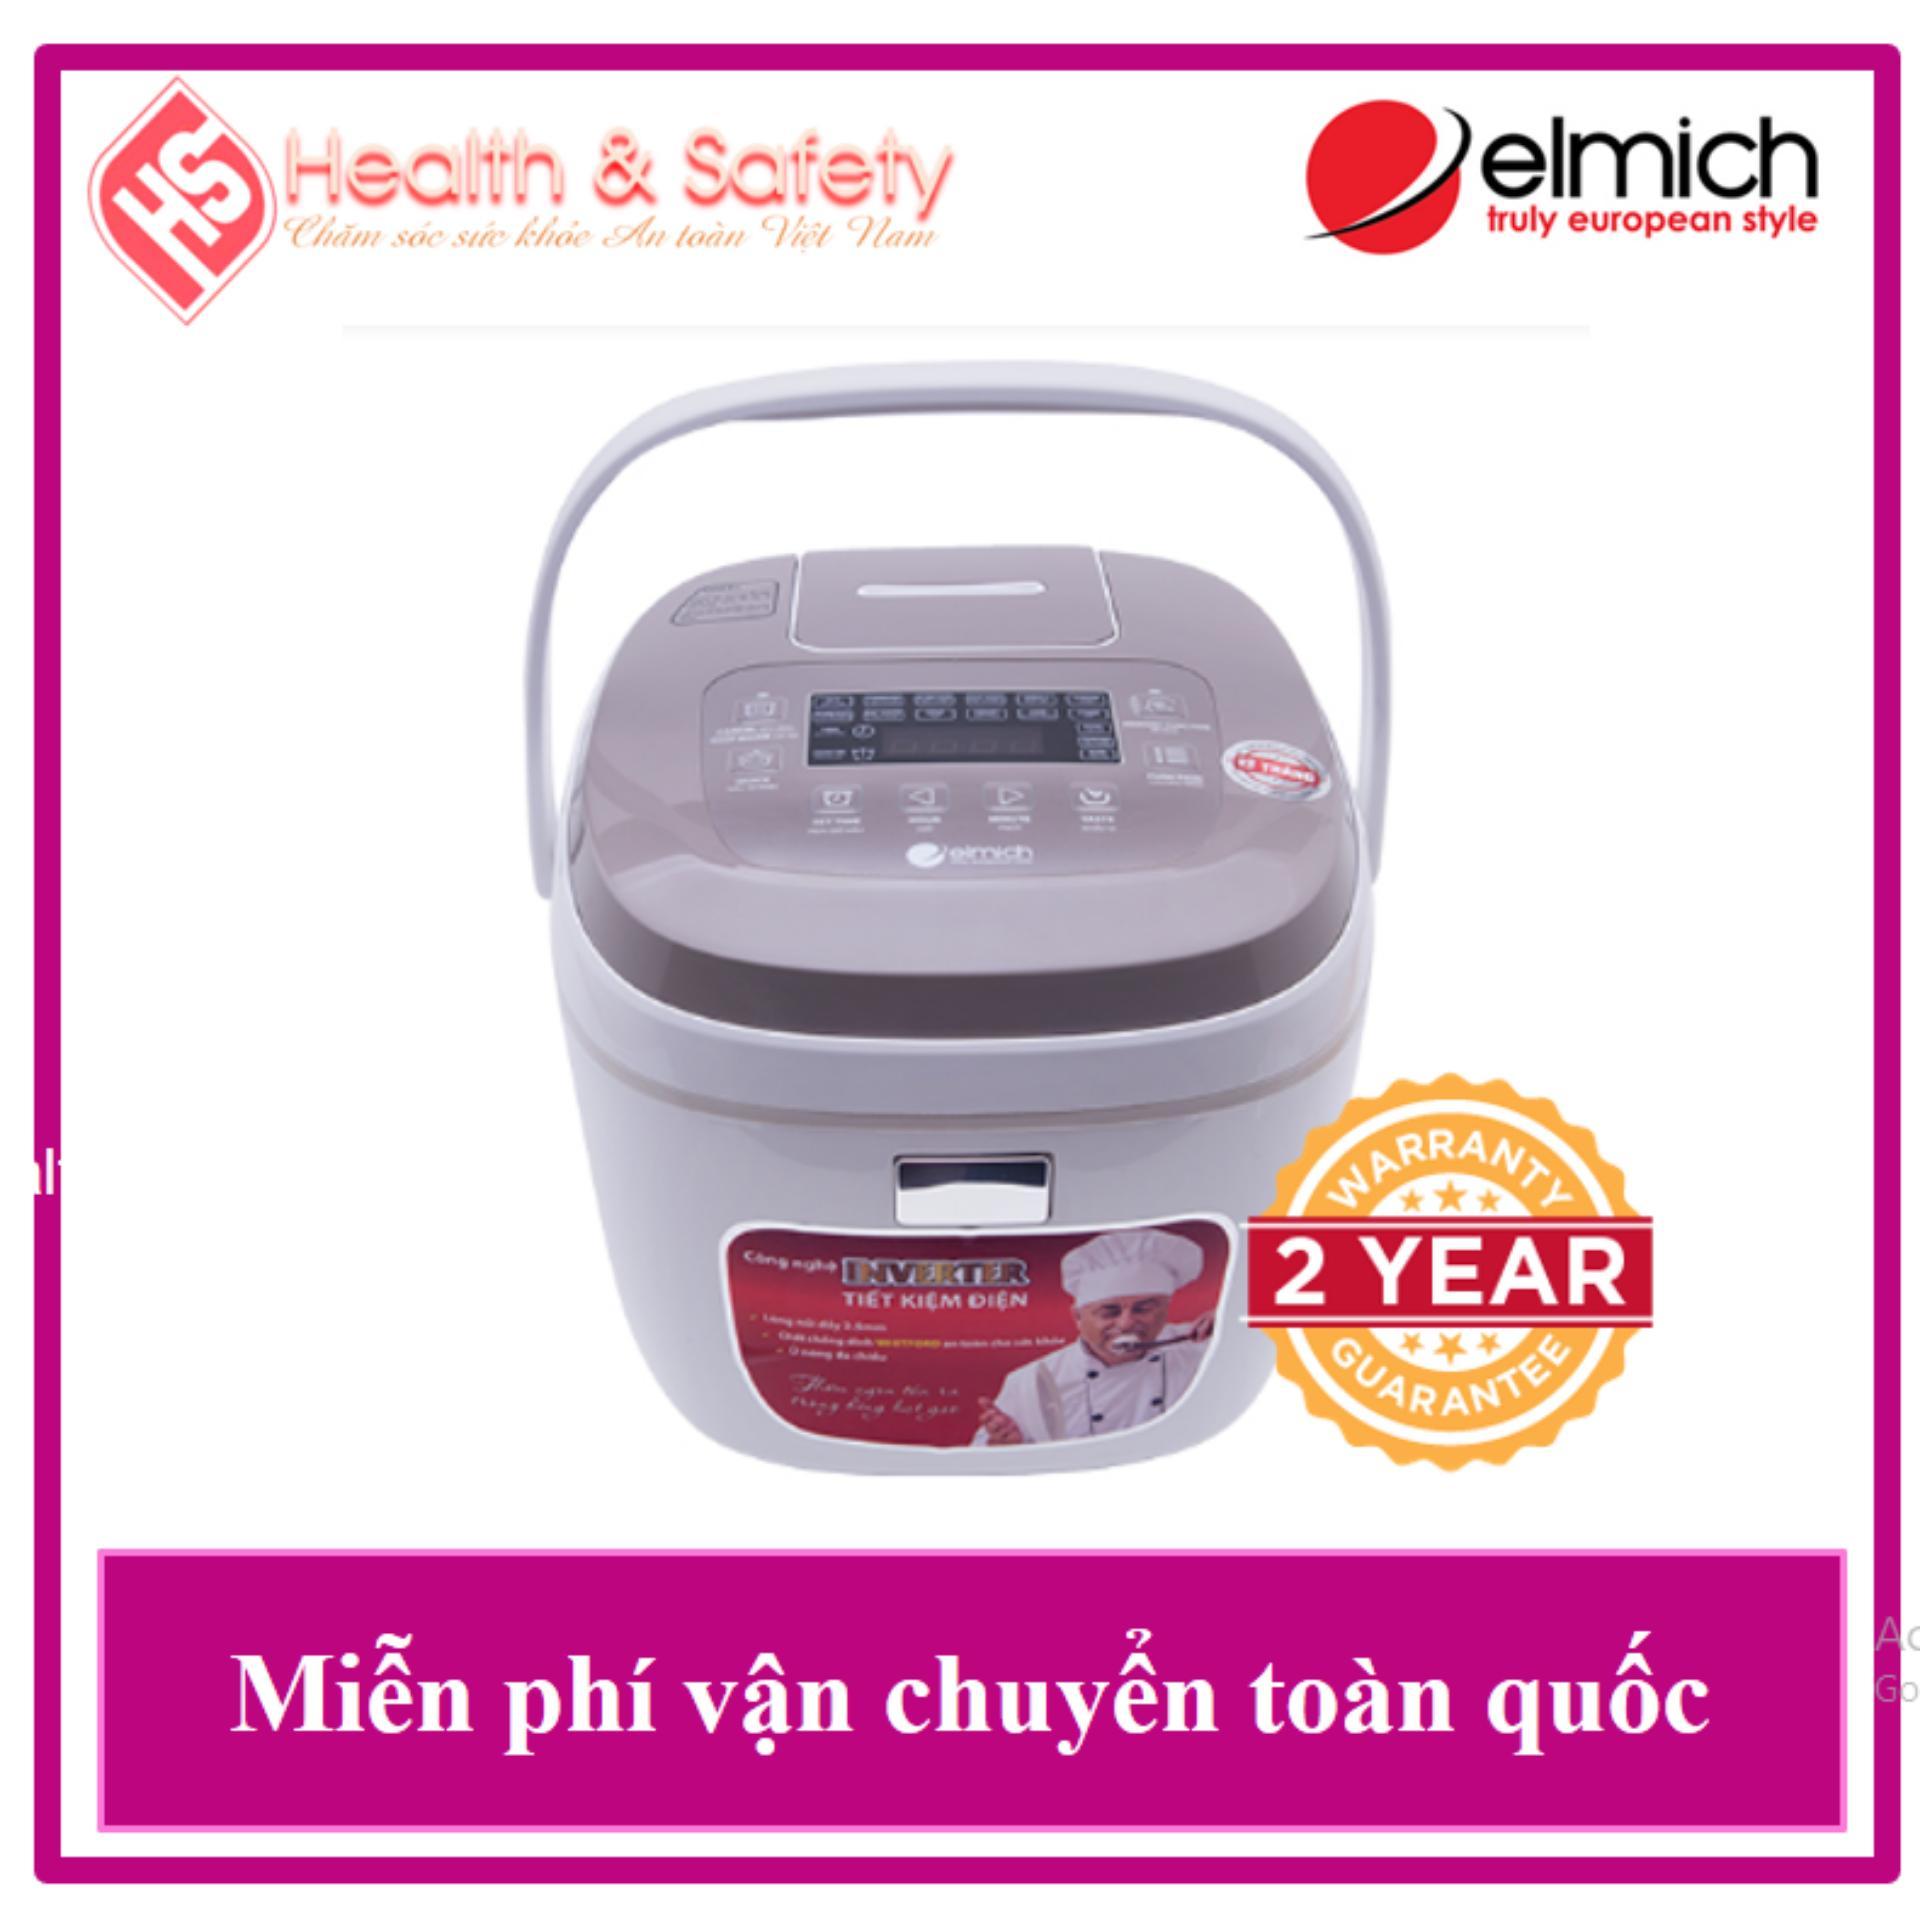 HÀNG CHÍNH HÃNG Nồi Cơm Điện Tử Cao Cấp Elmich RCE-0031 1.8L - Bảo Hành 2 Năm